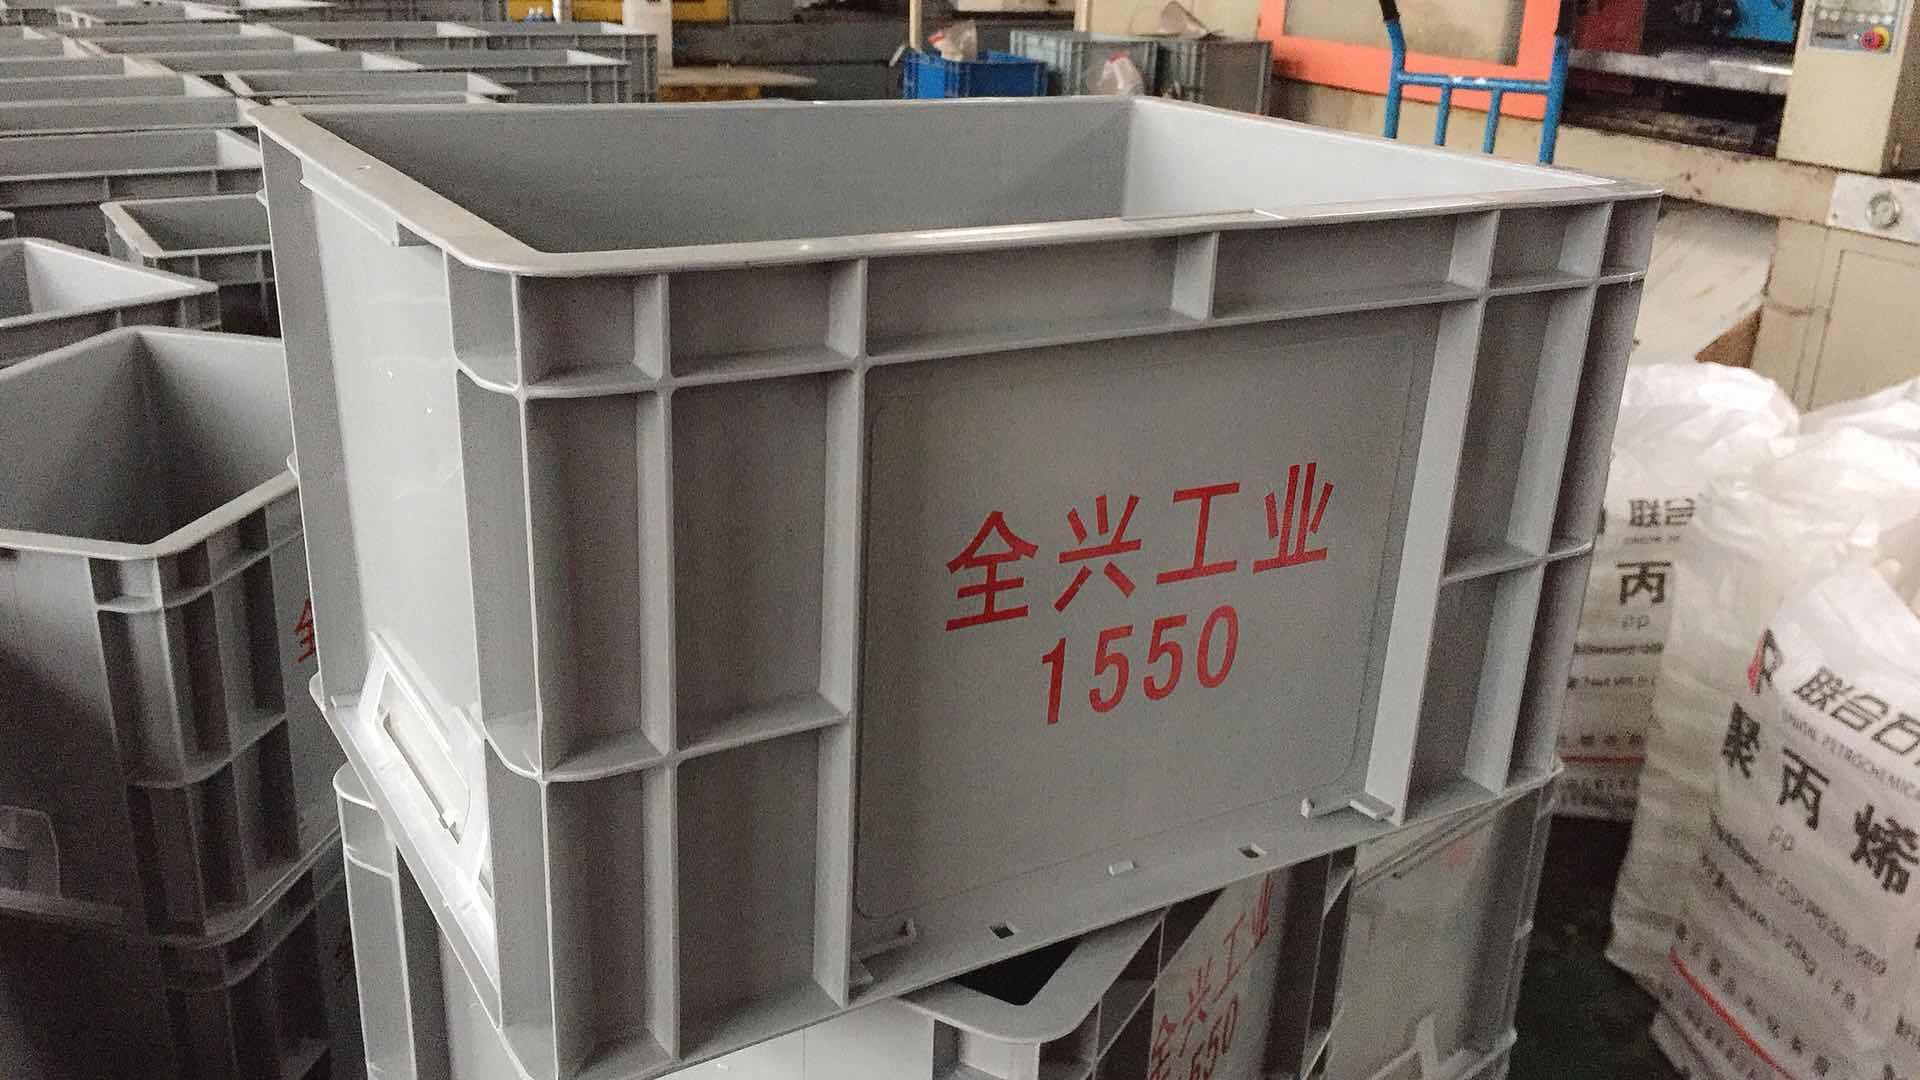 蓬莱塑料箱批发 廊坊哪里能买到优惠的塑料箱